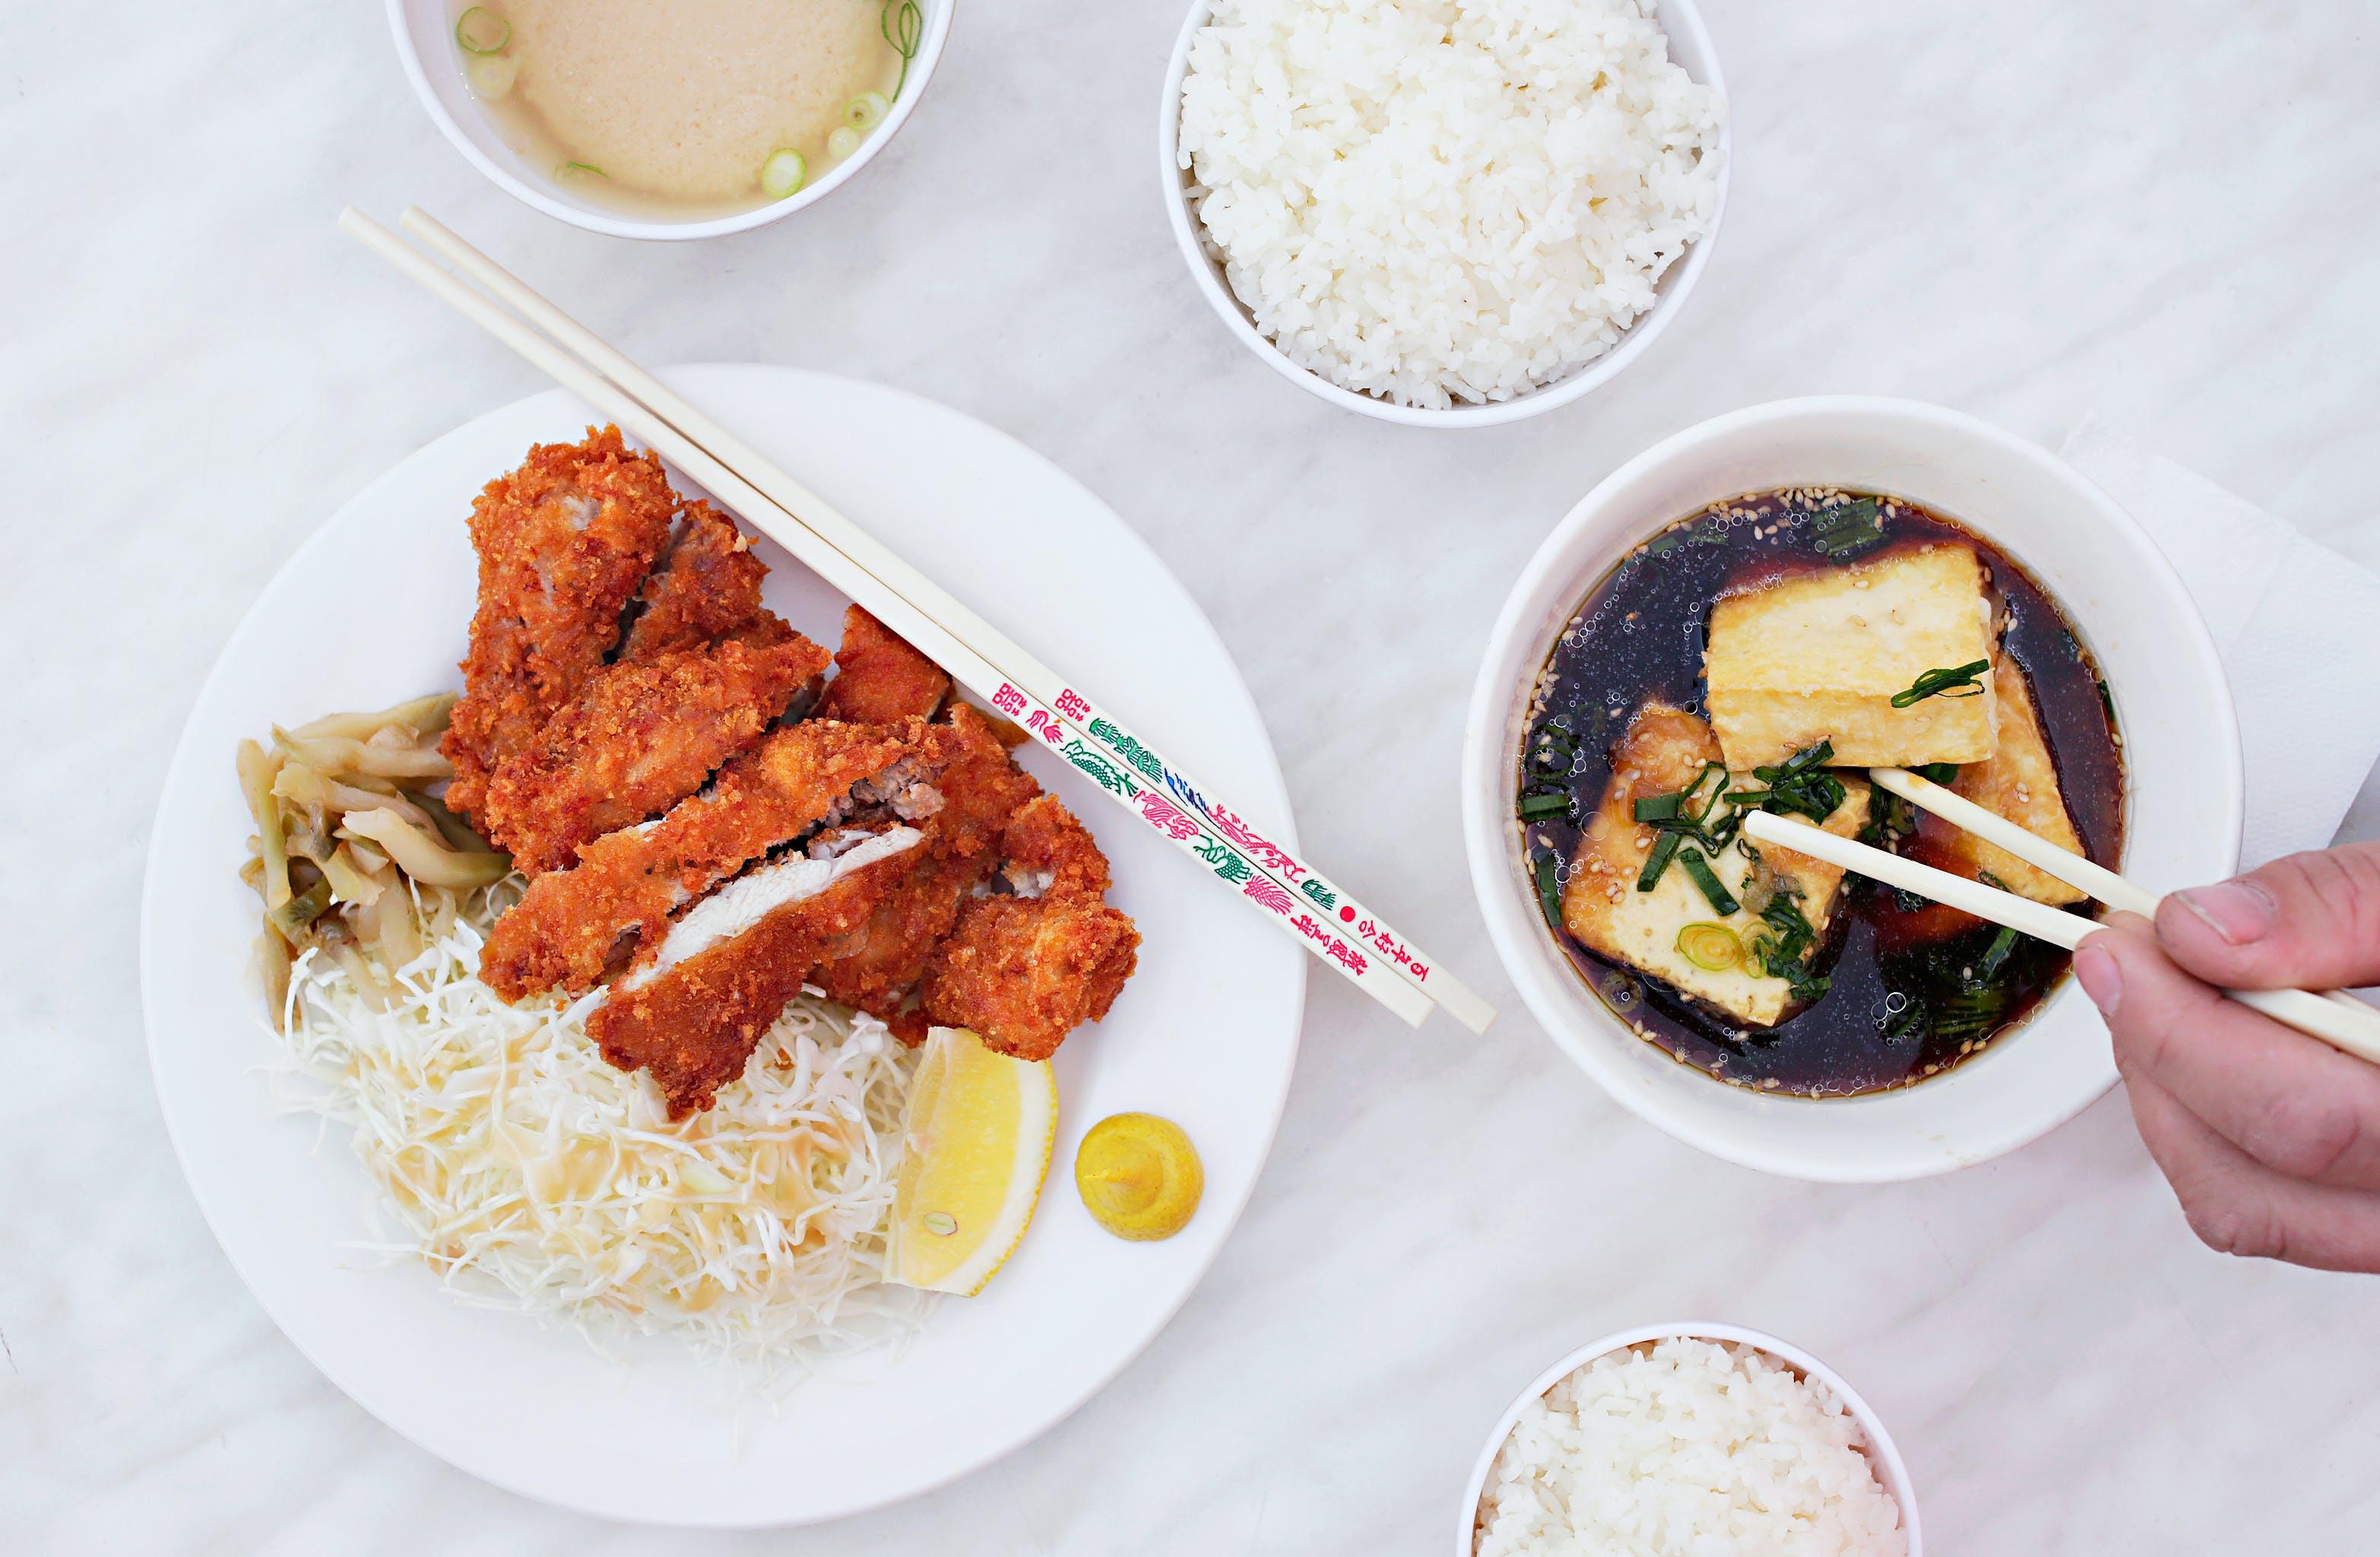 Where To Find The Best Katsu Chicken In Perth